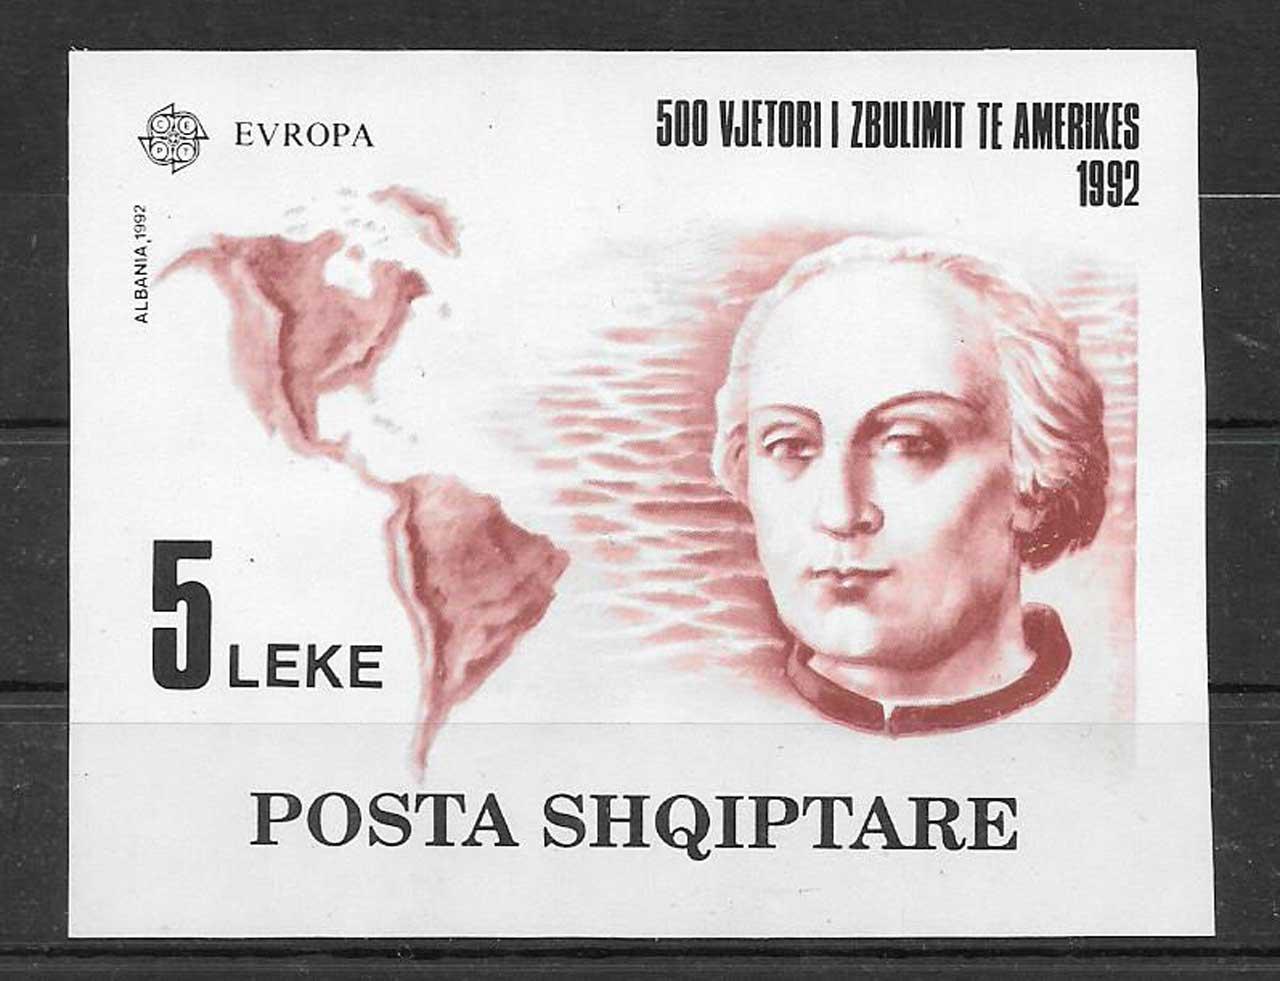 Sellos Filatelia online y coleccion Tema Europa